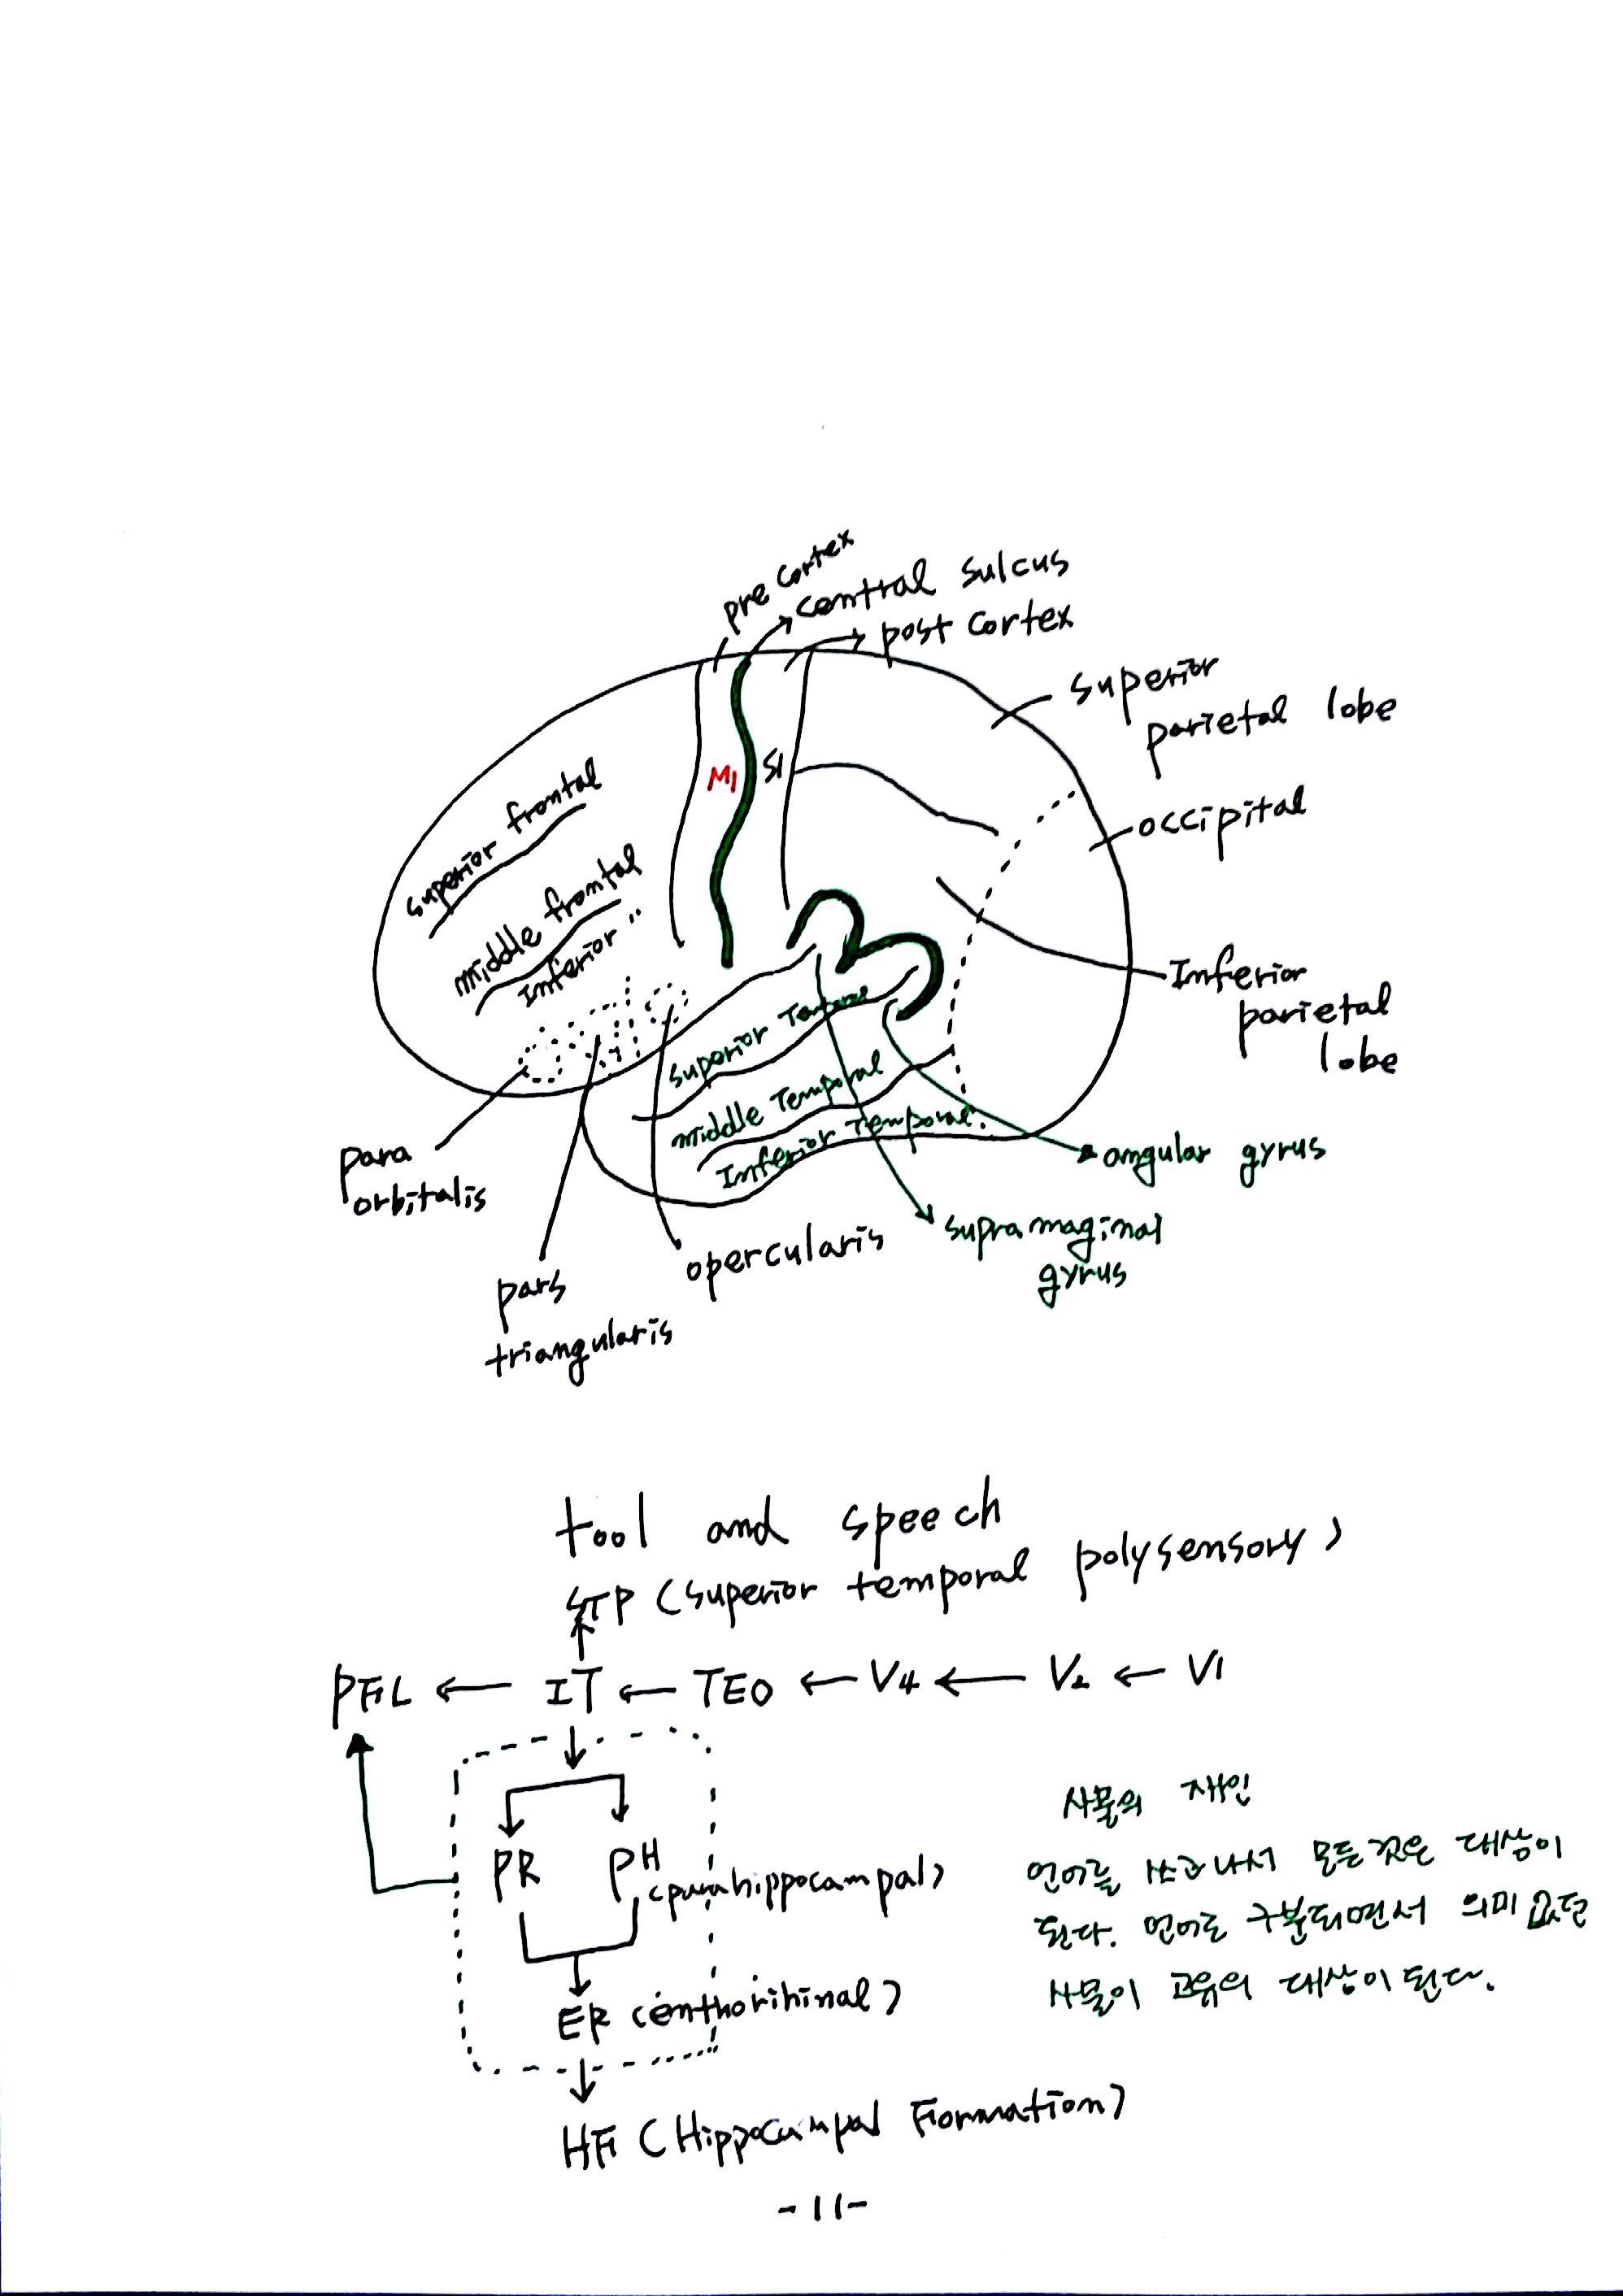 제 6회 특별한 뇌과학 2강 시각2 (11).jpg